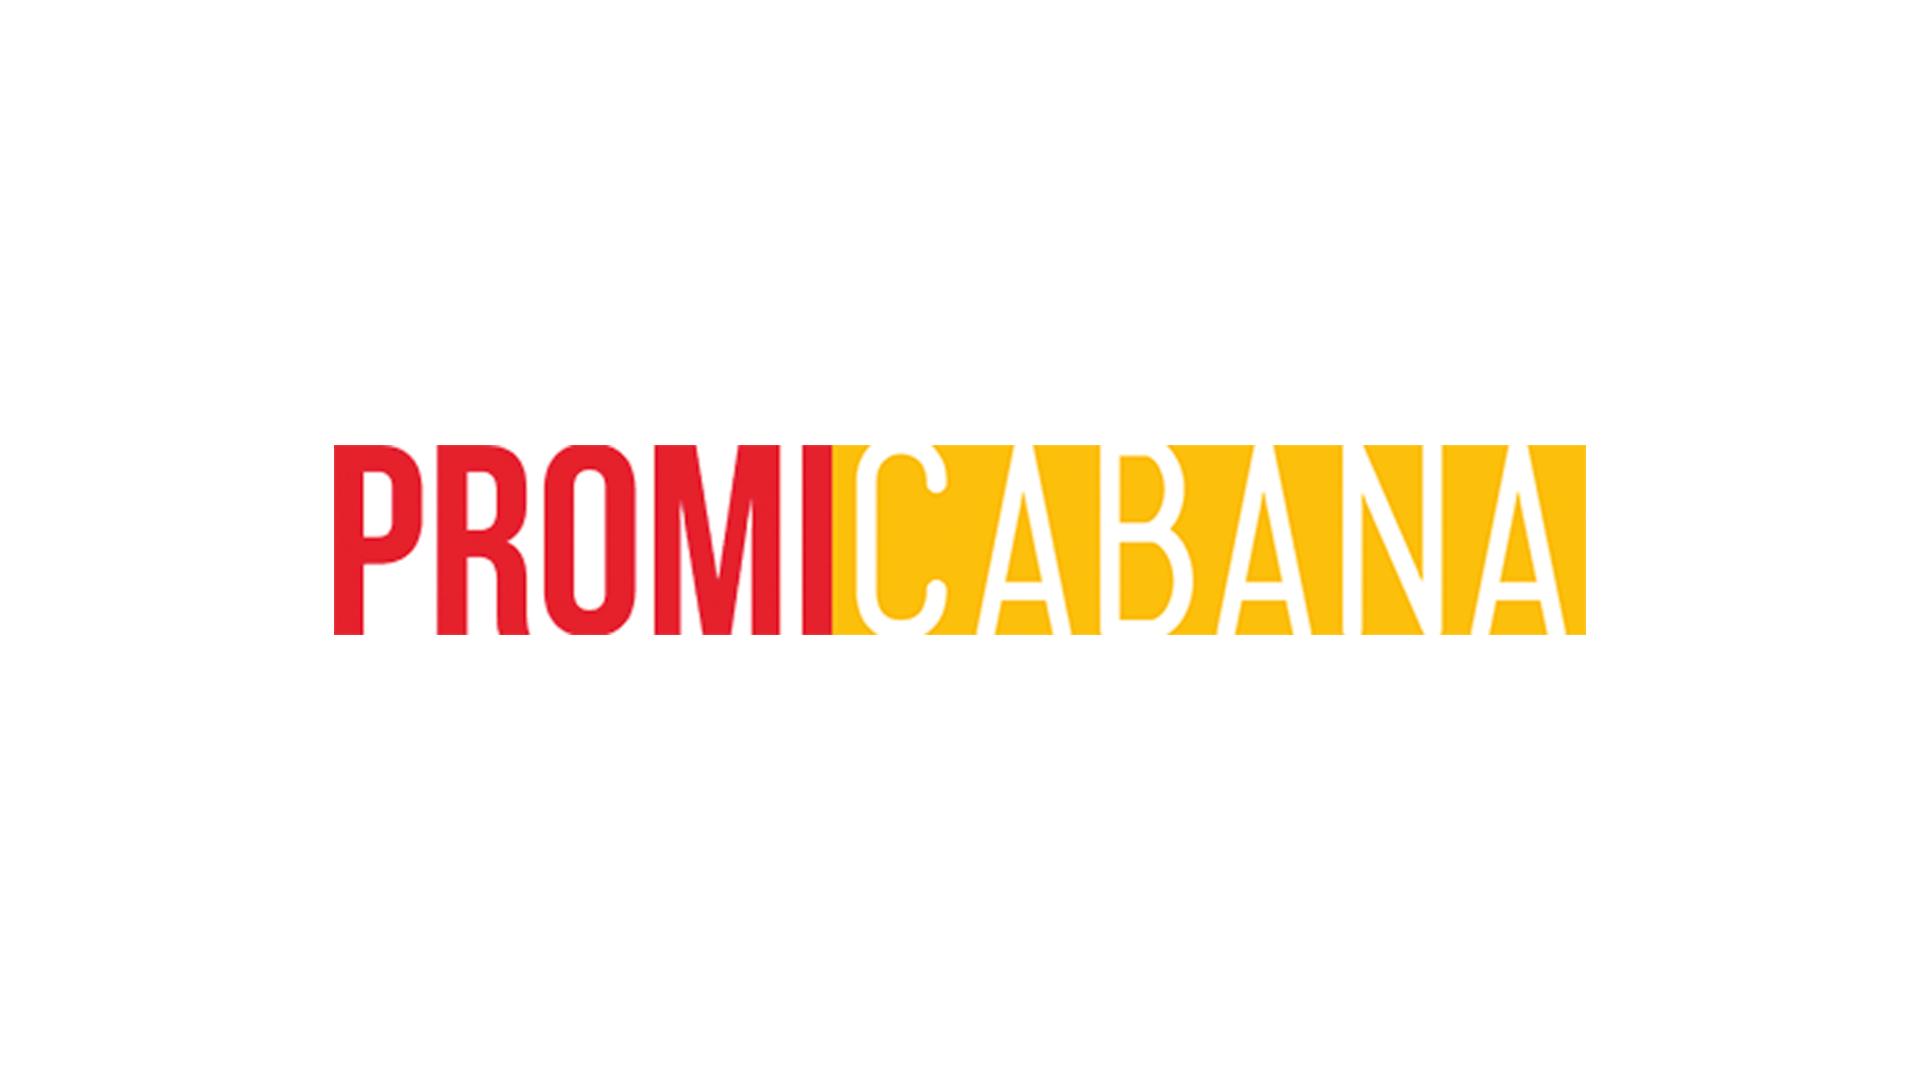 Robert Pattinson Bel Ami Stills Mar 2012 12